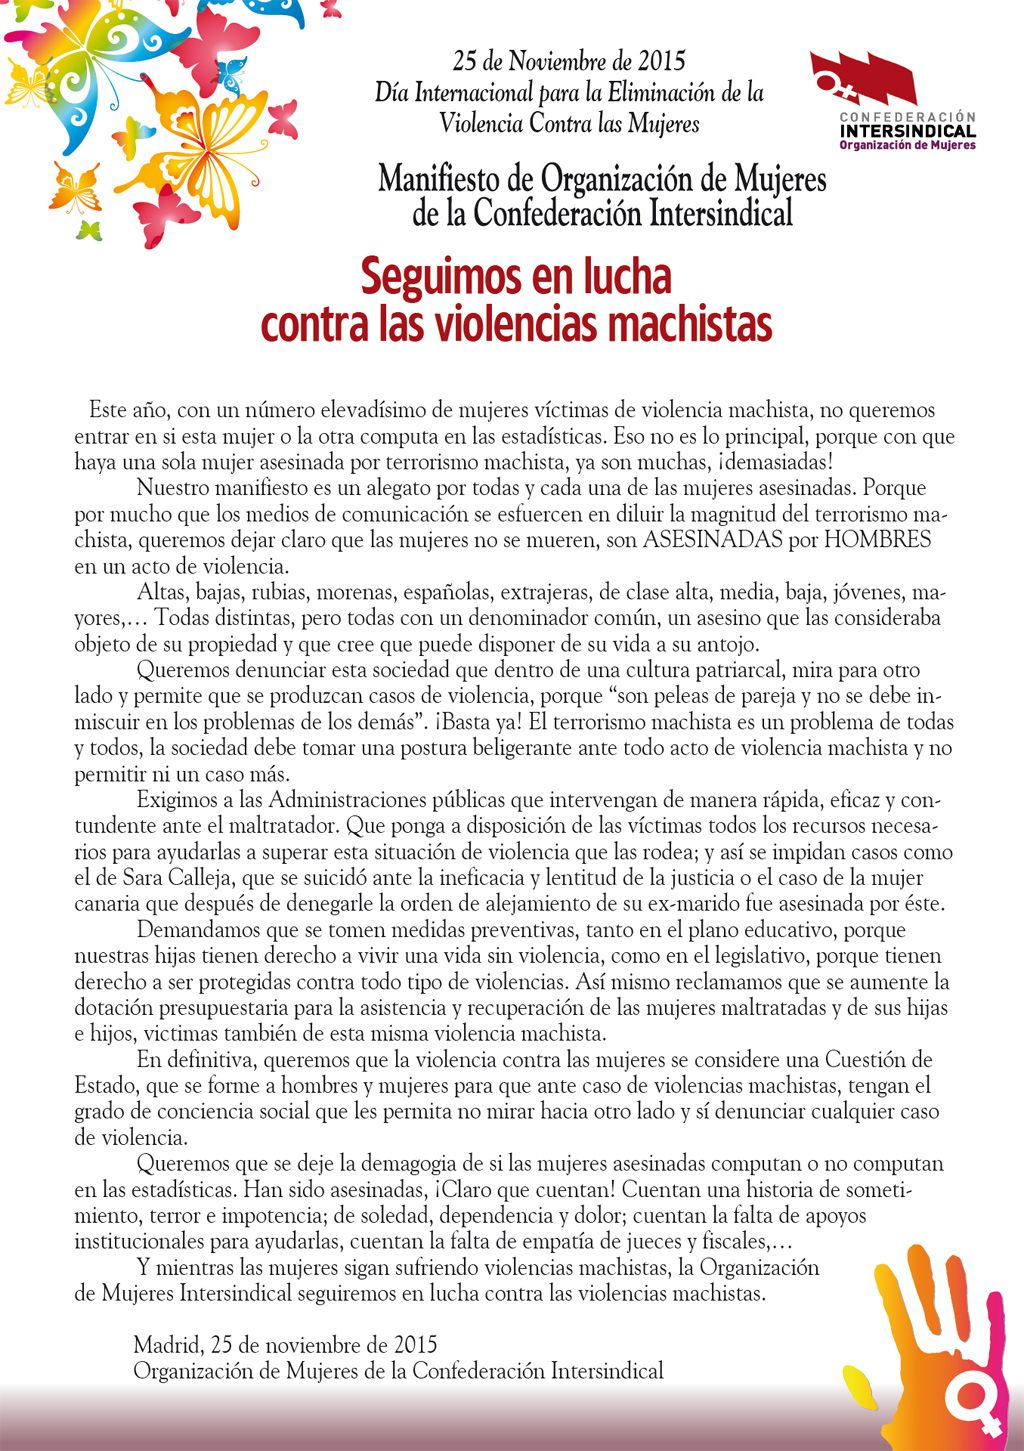 Manifiesto_25N_2015_STEs